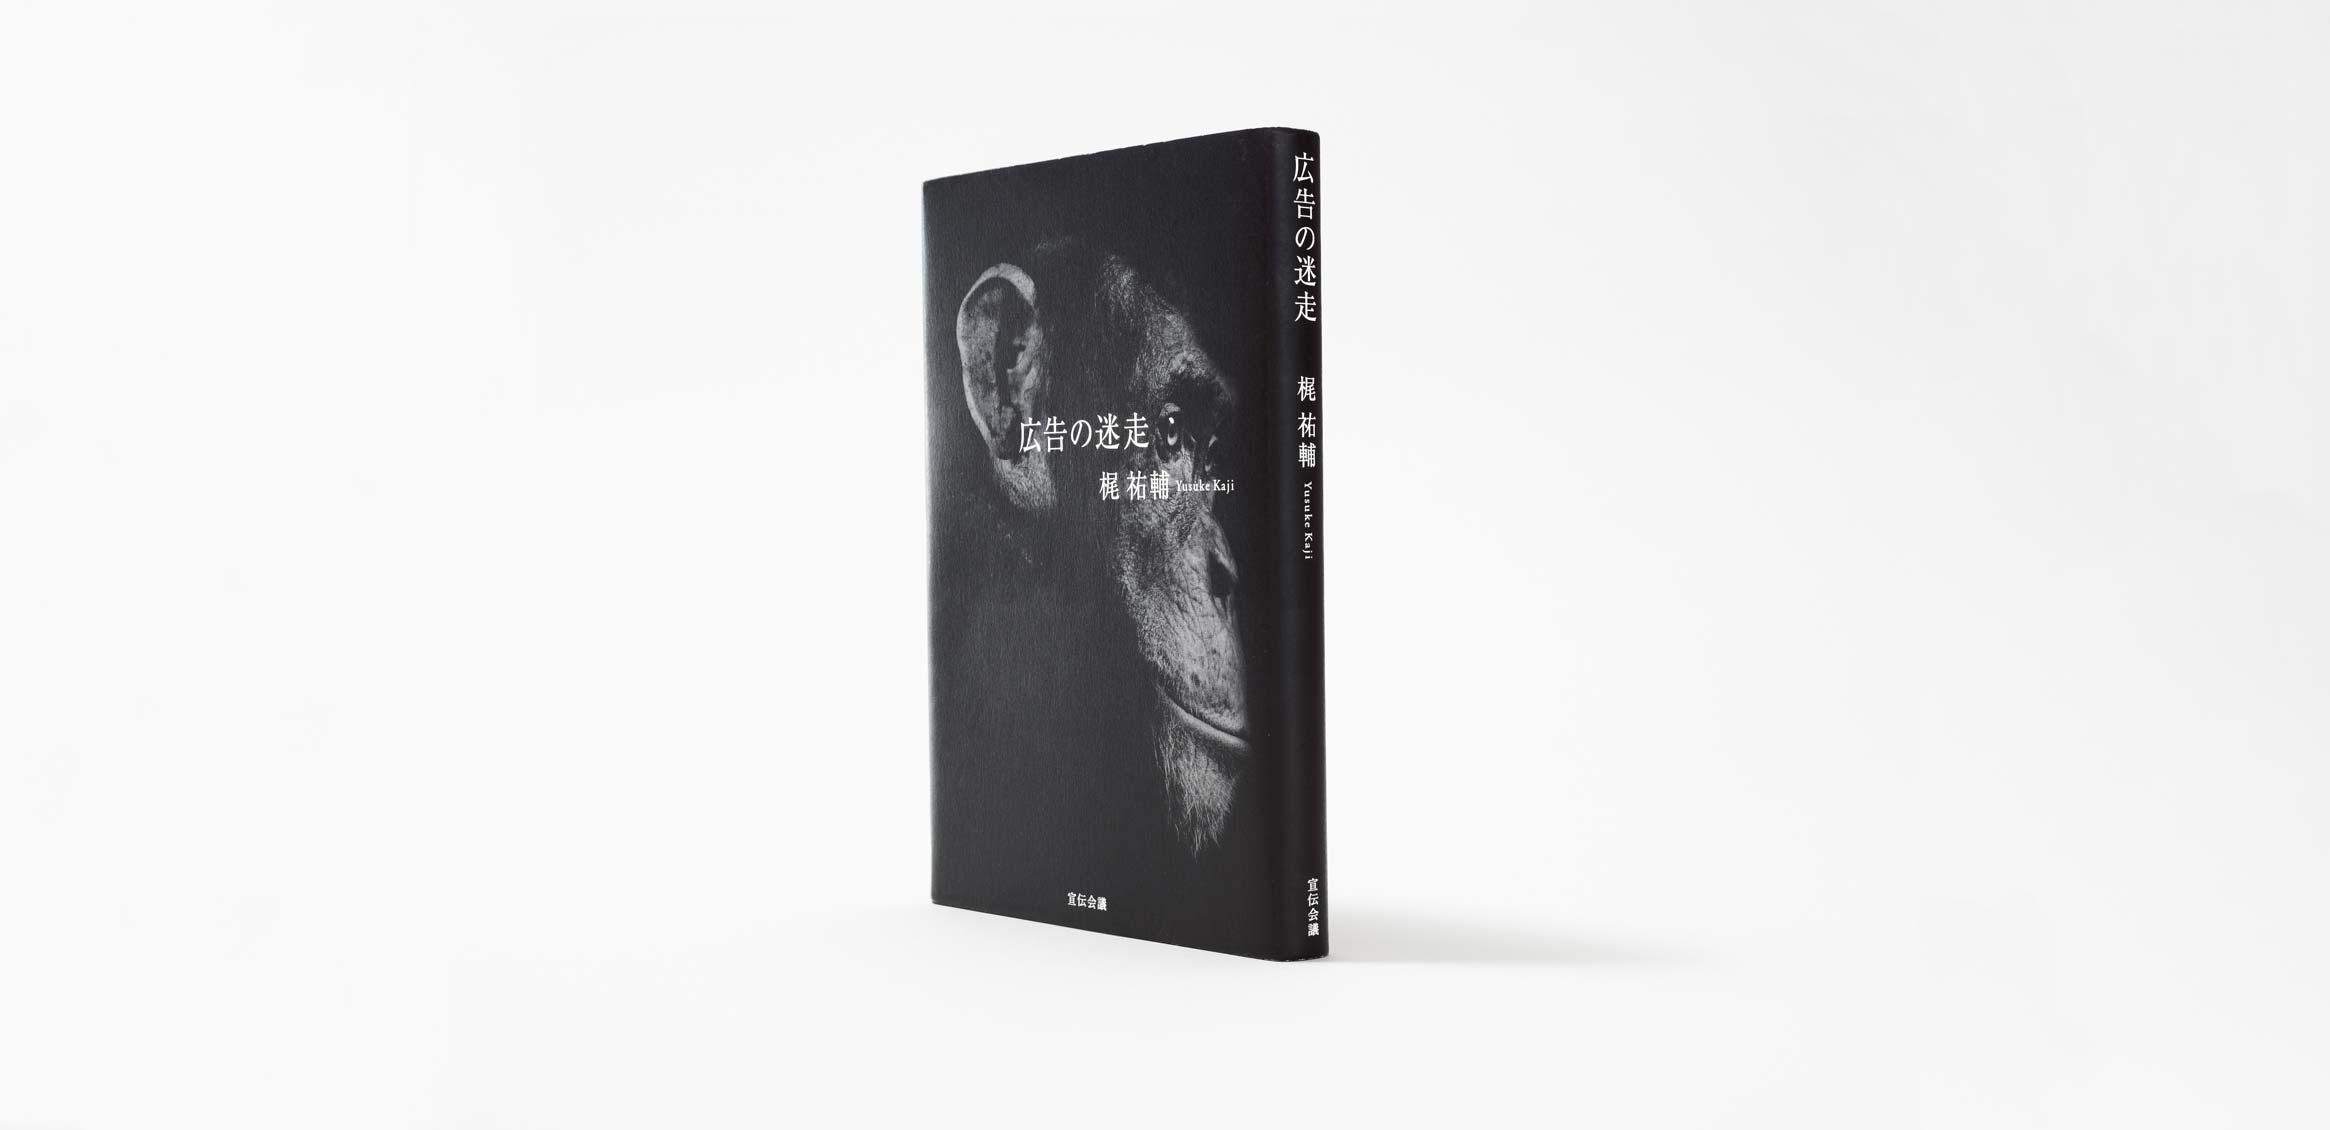 梶 祐輔『広告の迷走』0枚目